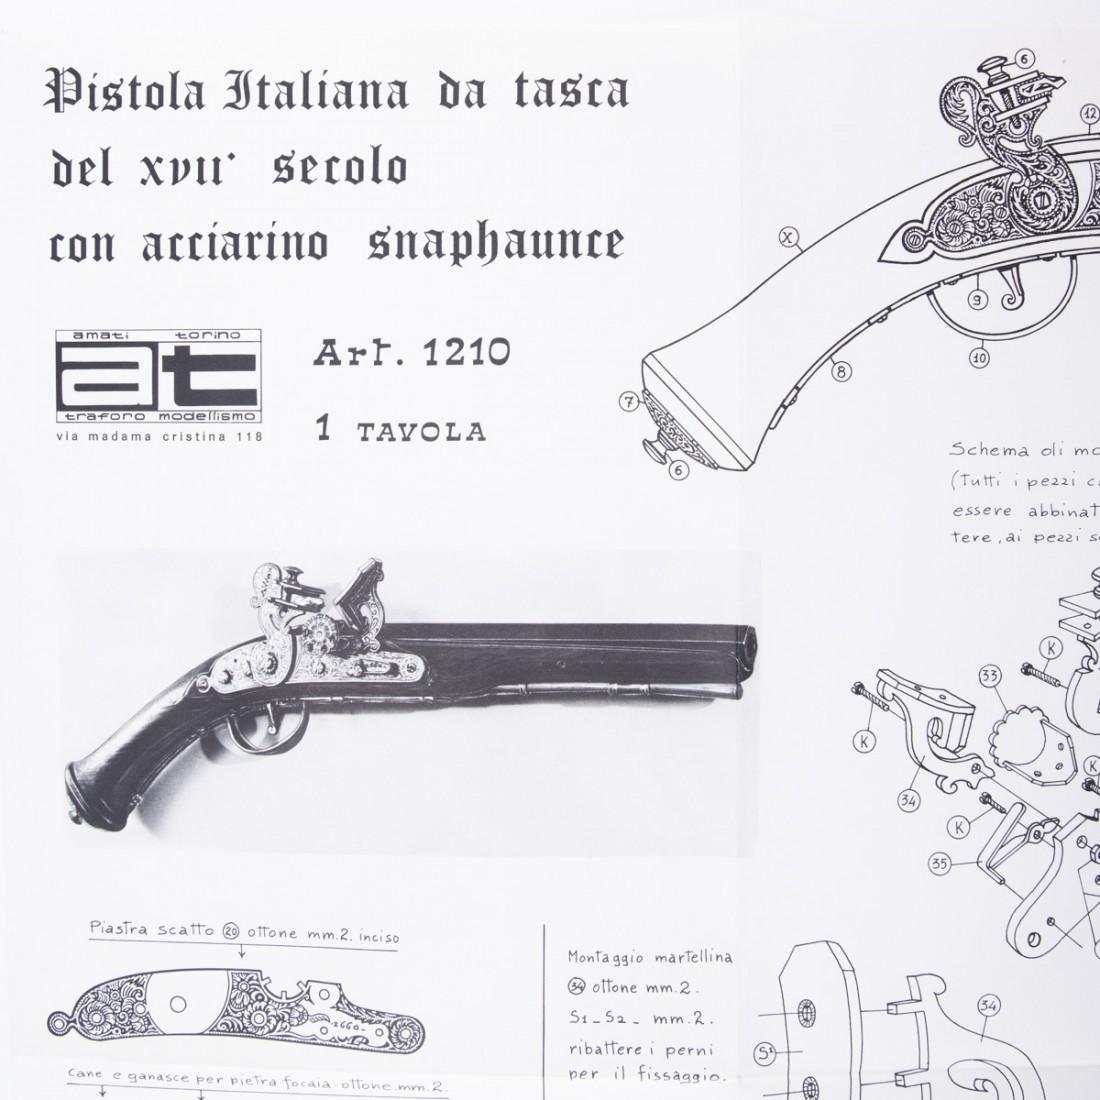 Piano costruzione Pistola da tasca